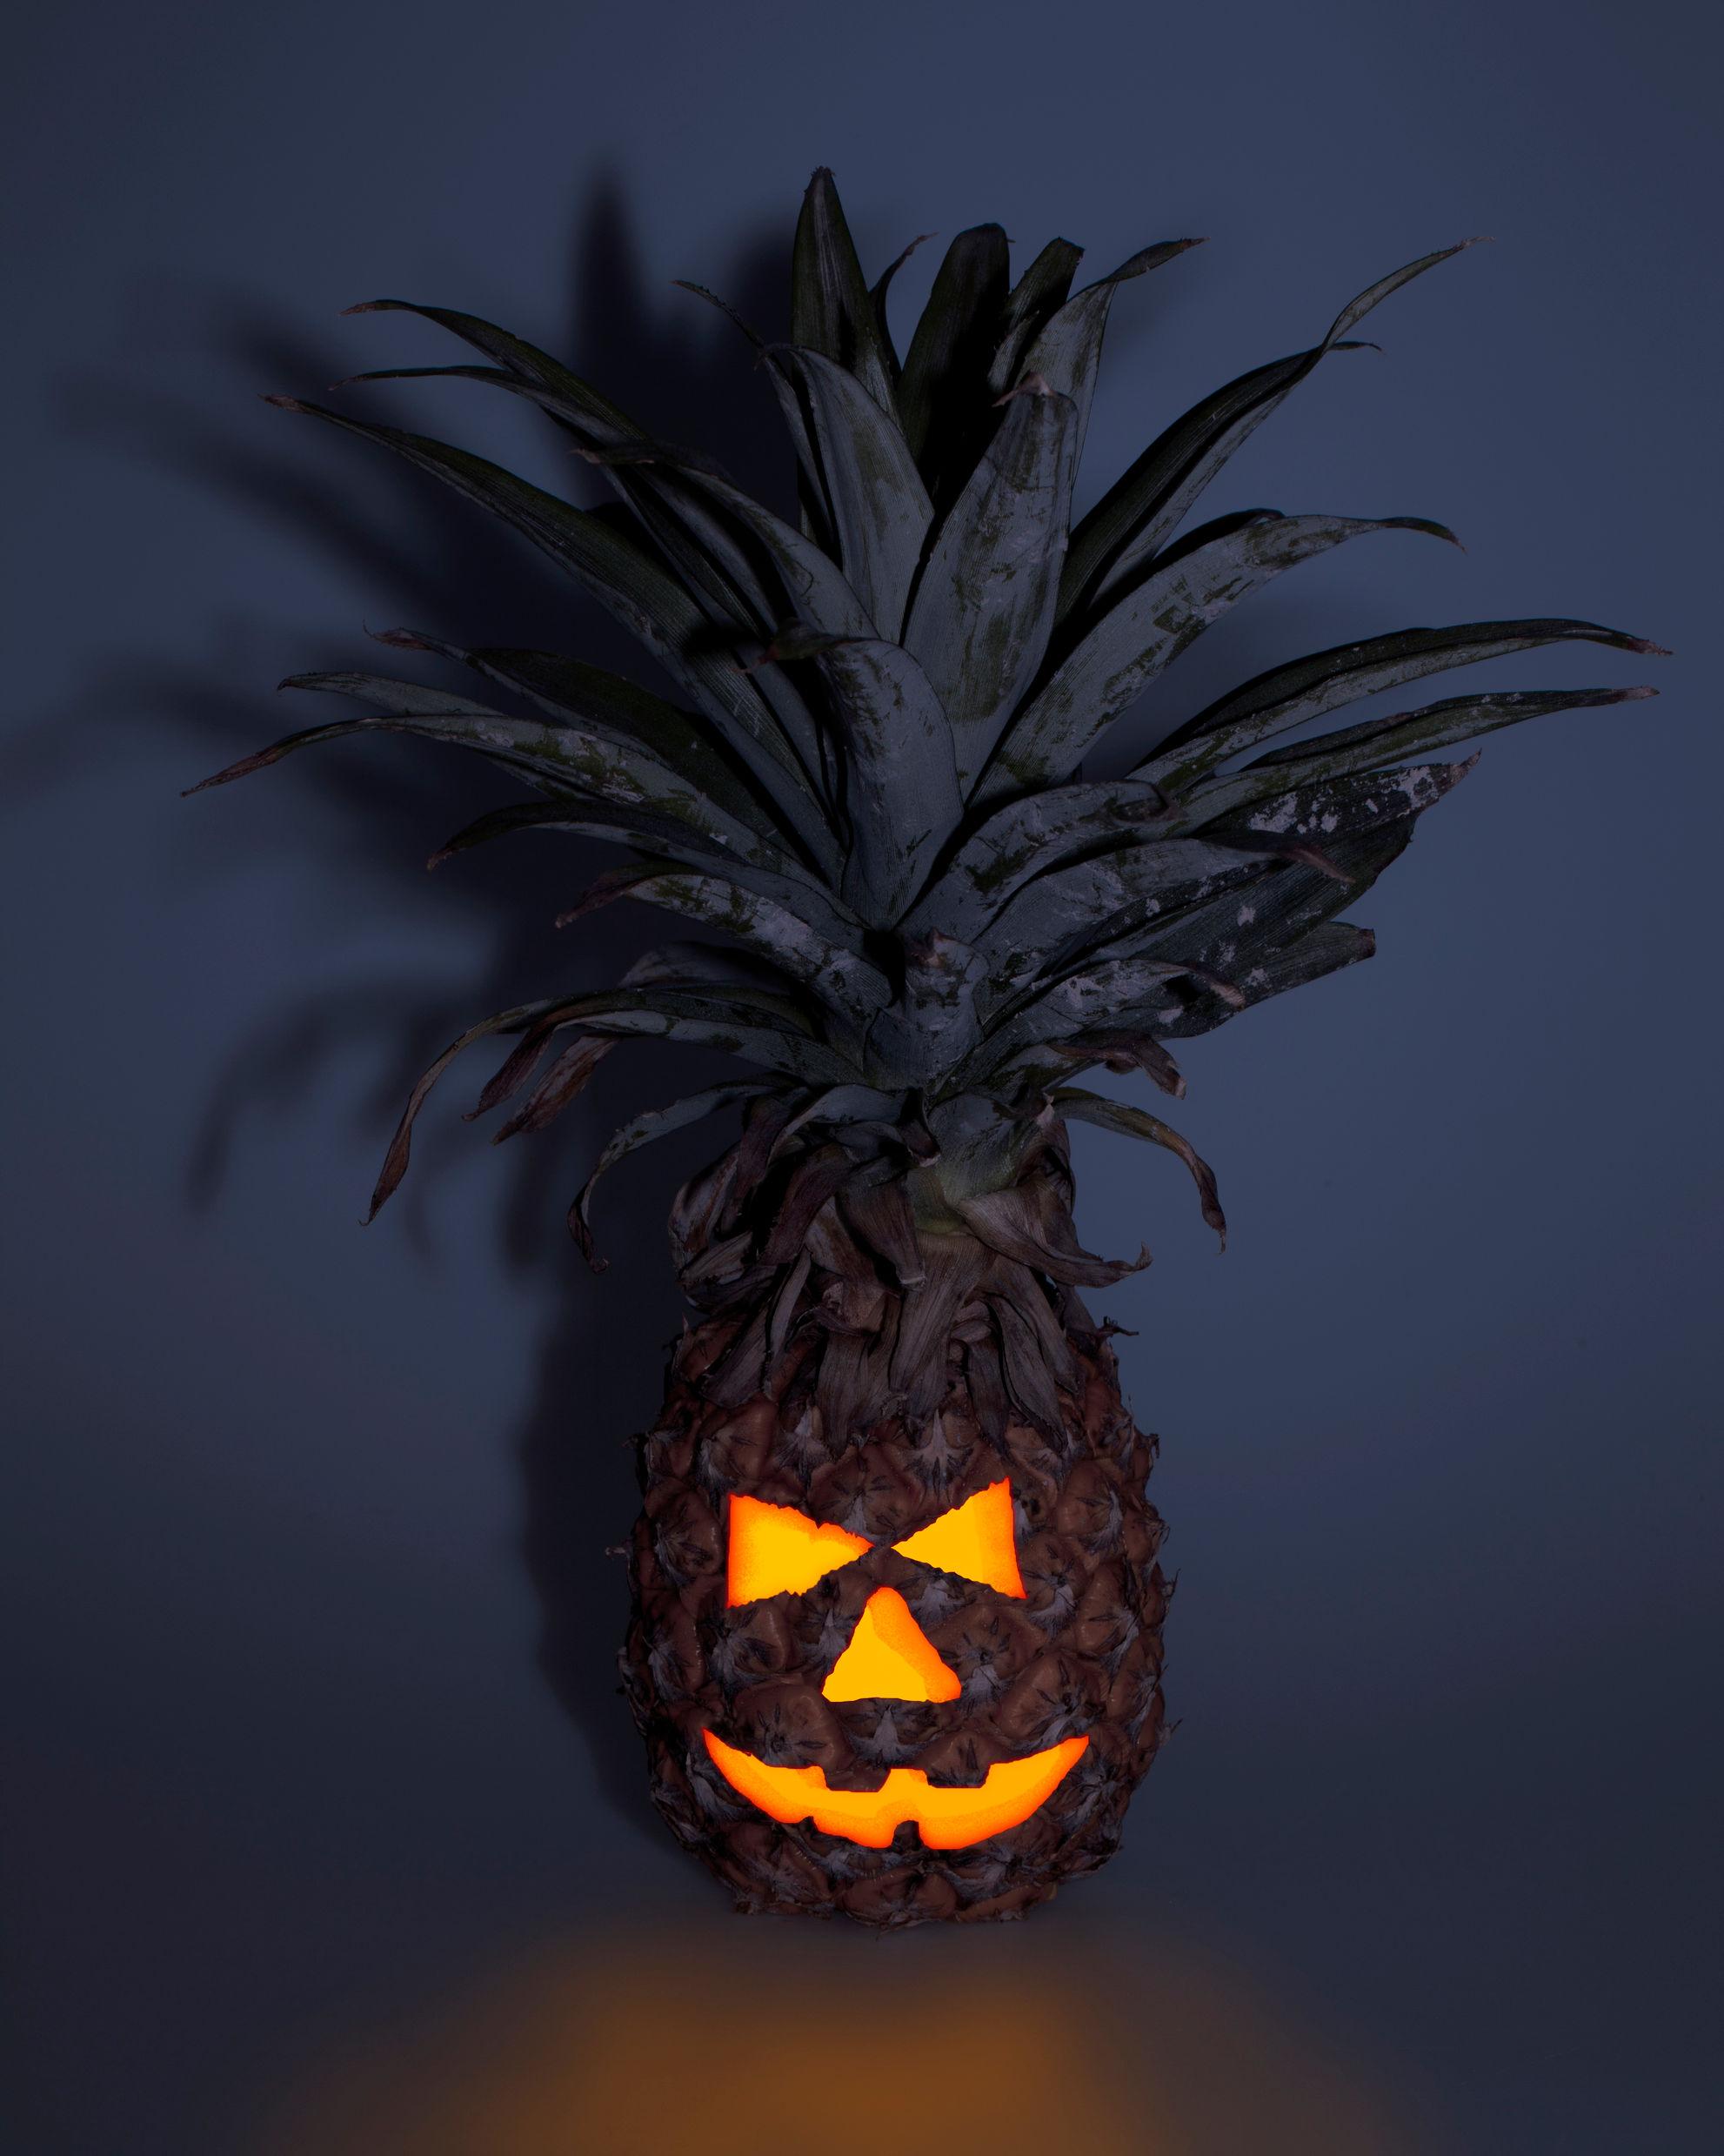 Ananasen kan være litt vrien å skjære ut, men gjett om den blir skummel! Foto: iStock